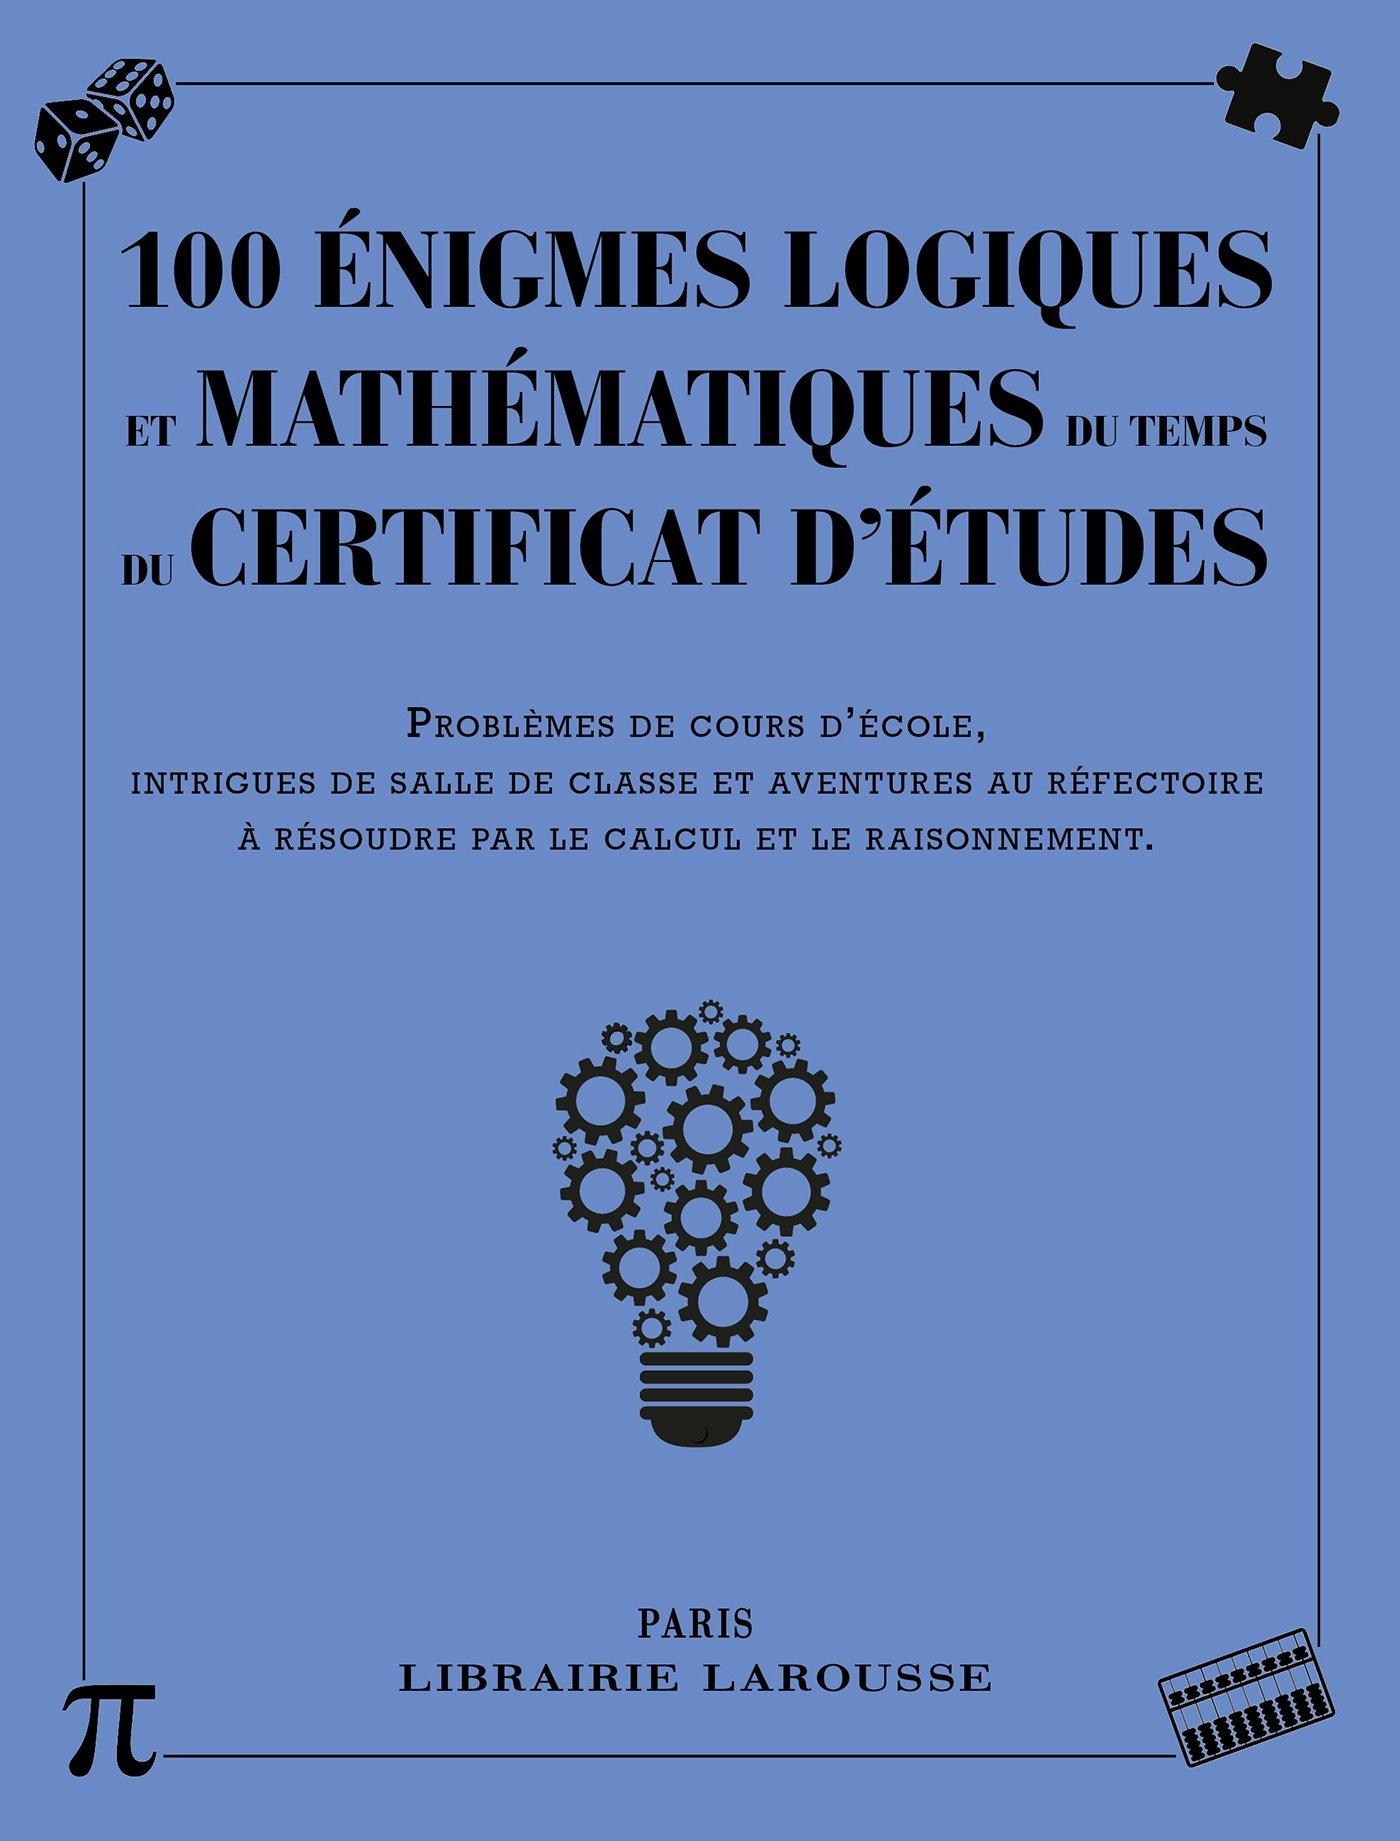 Amazon.fr - 100 énigmes logiques mathématiques du temps certificat études -  Collectif - Livres